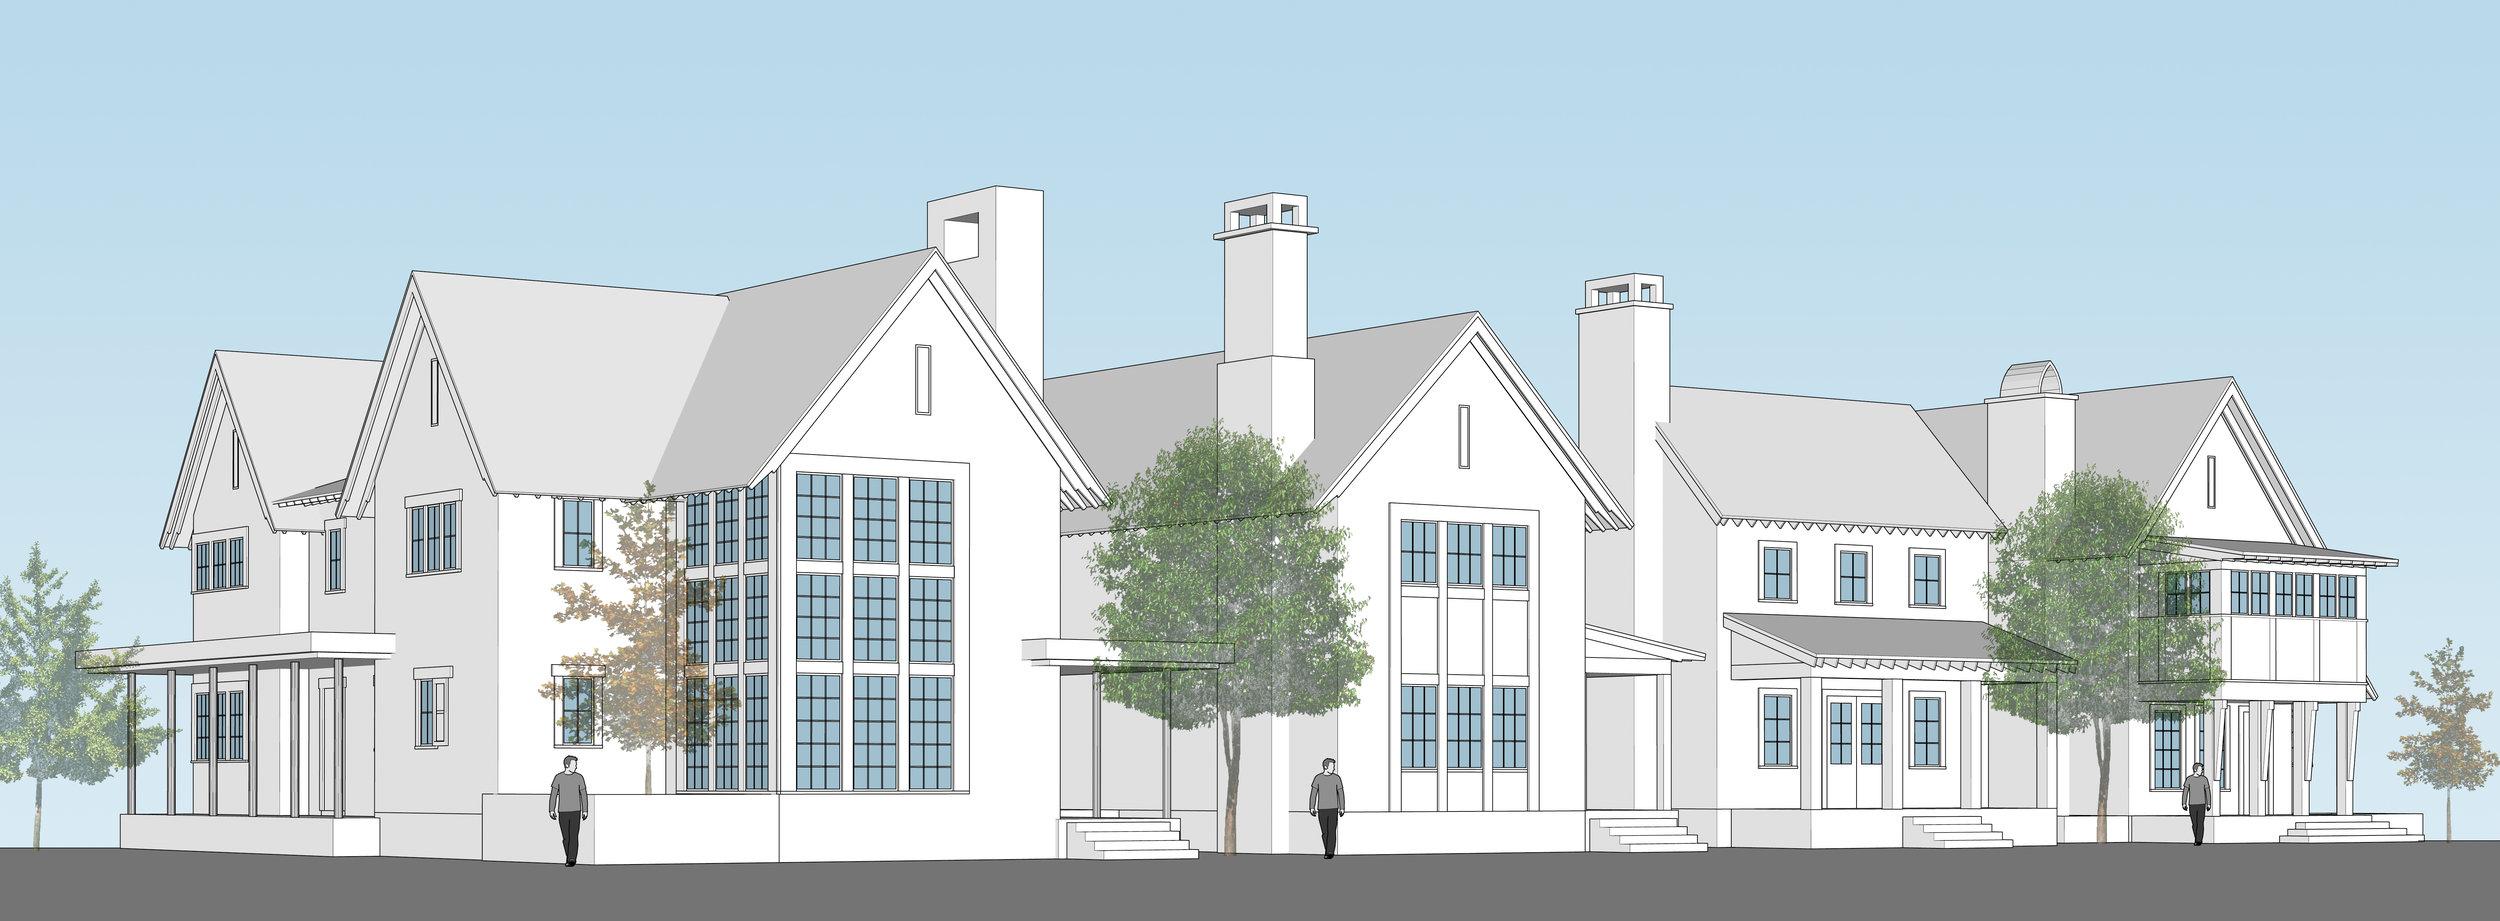 okelley houses - sketchup model 06-11-09.jpg